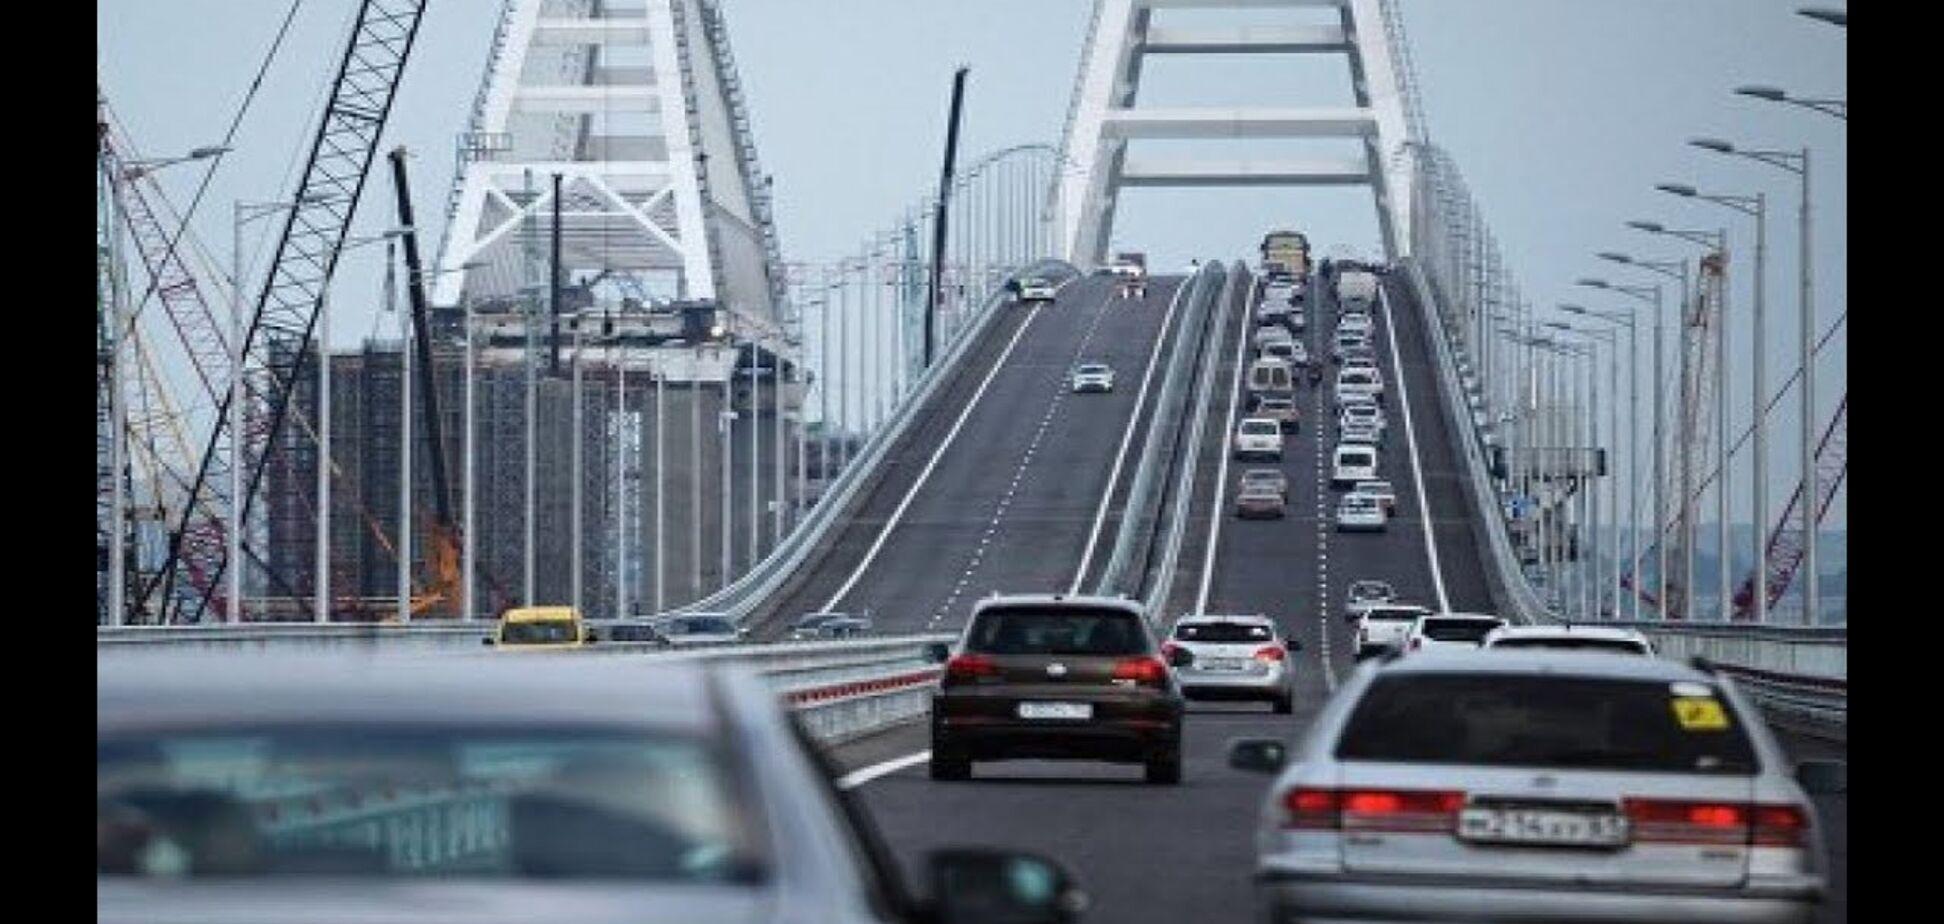 Екс-регіонал похвалився поїздкою по Кримському мосту: опубліковано відео